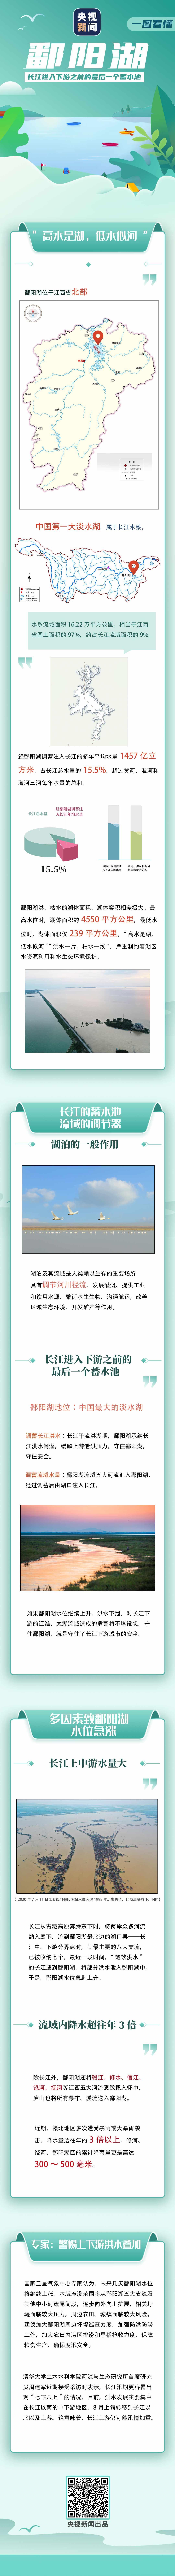 一图看懂:为什么鄱阳湖成为今年防汛重点图片